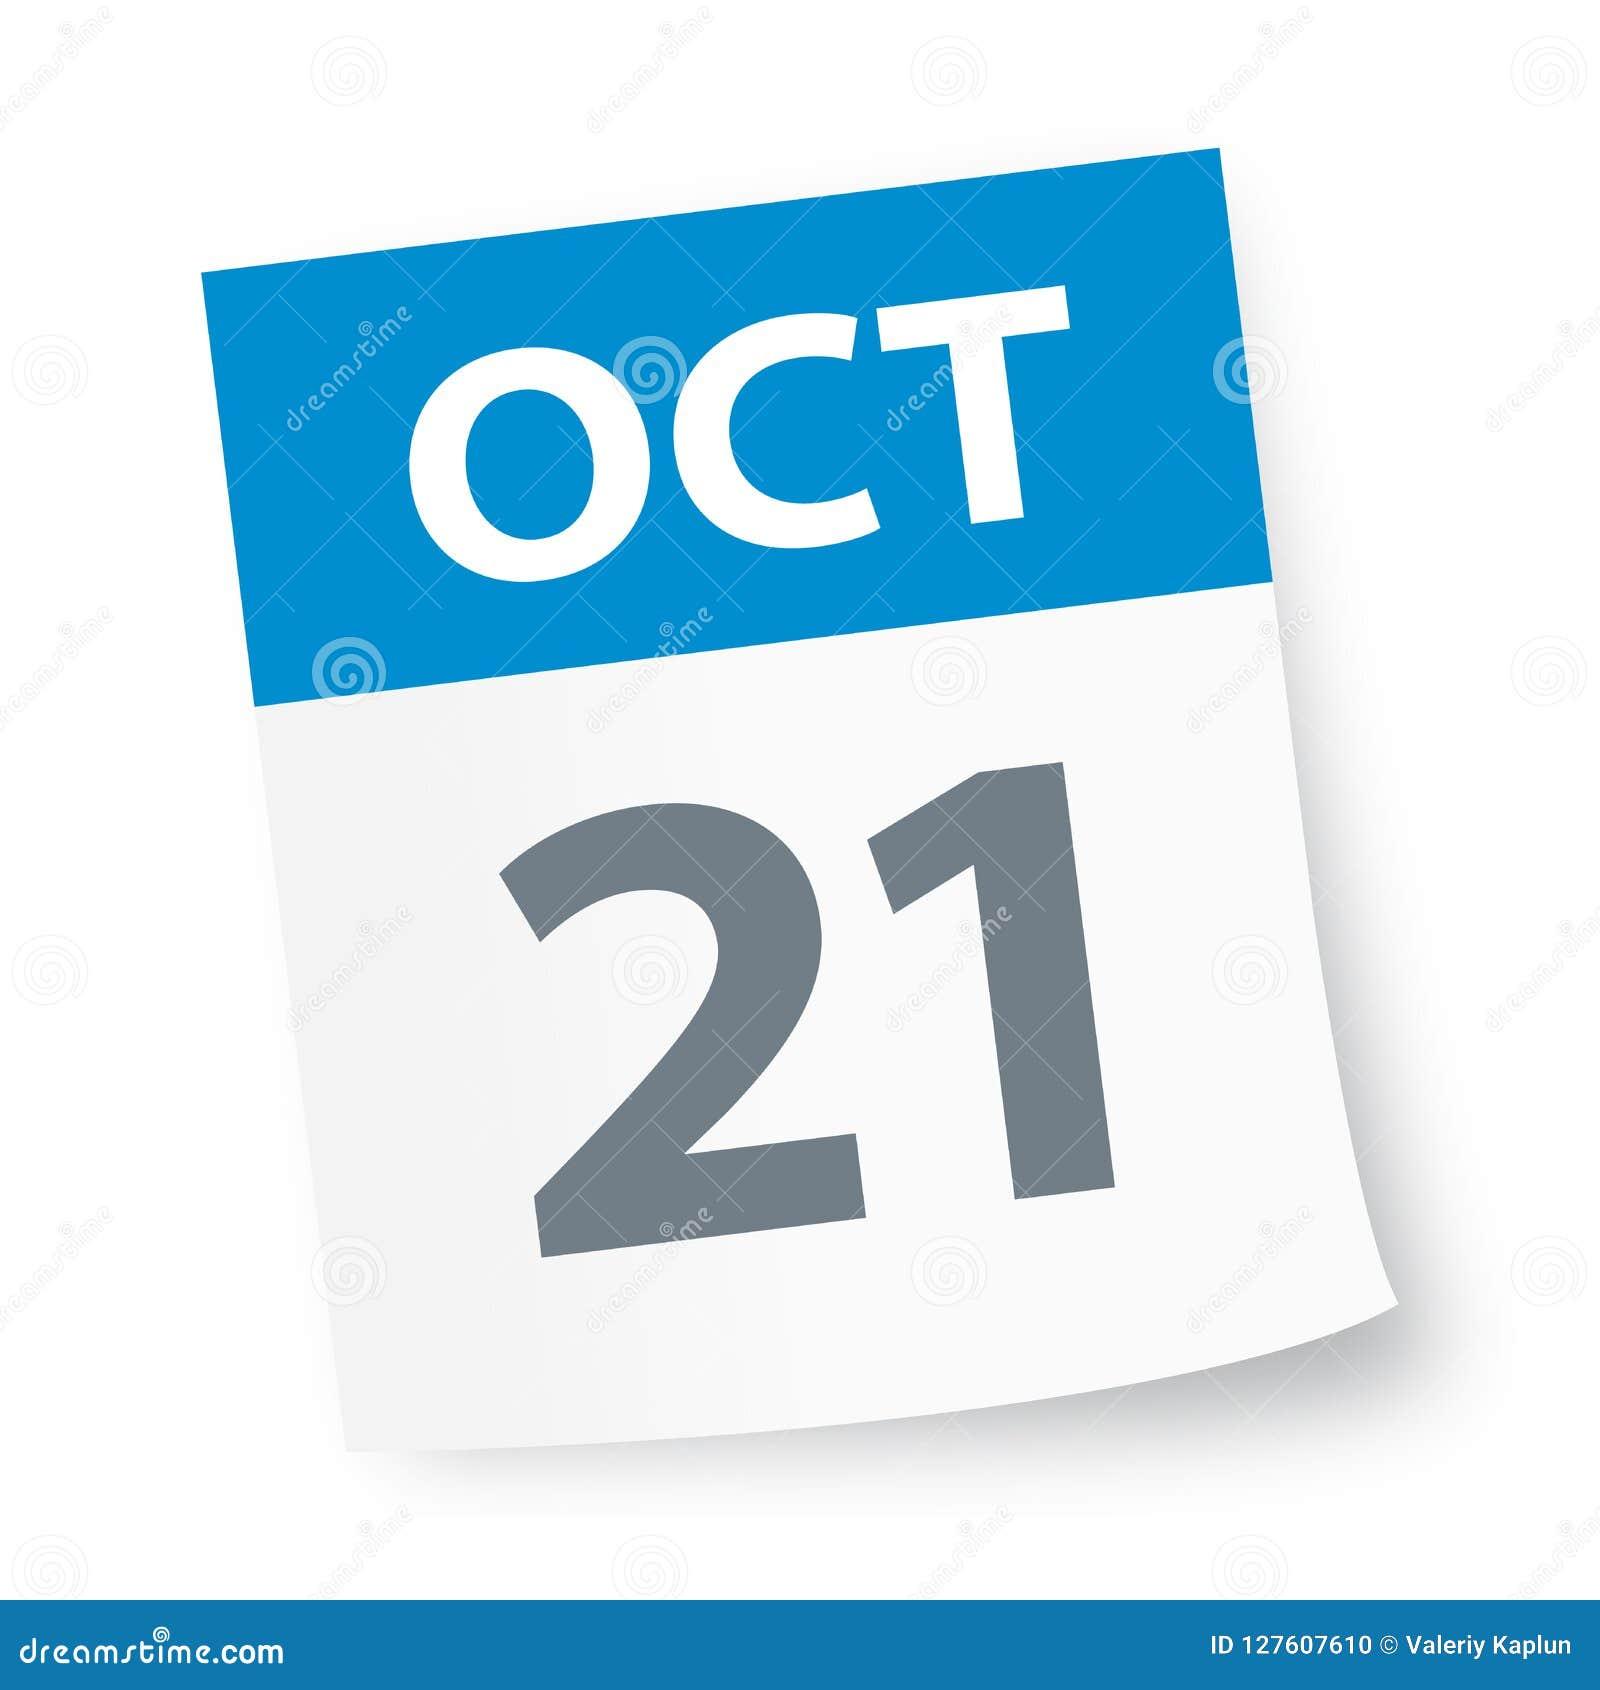 Oct 21 2020 Calendar October 21   Calendar Icon stock illustration. Illustration of